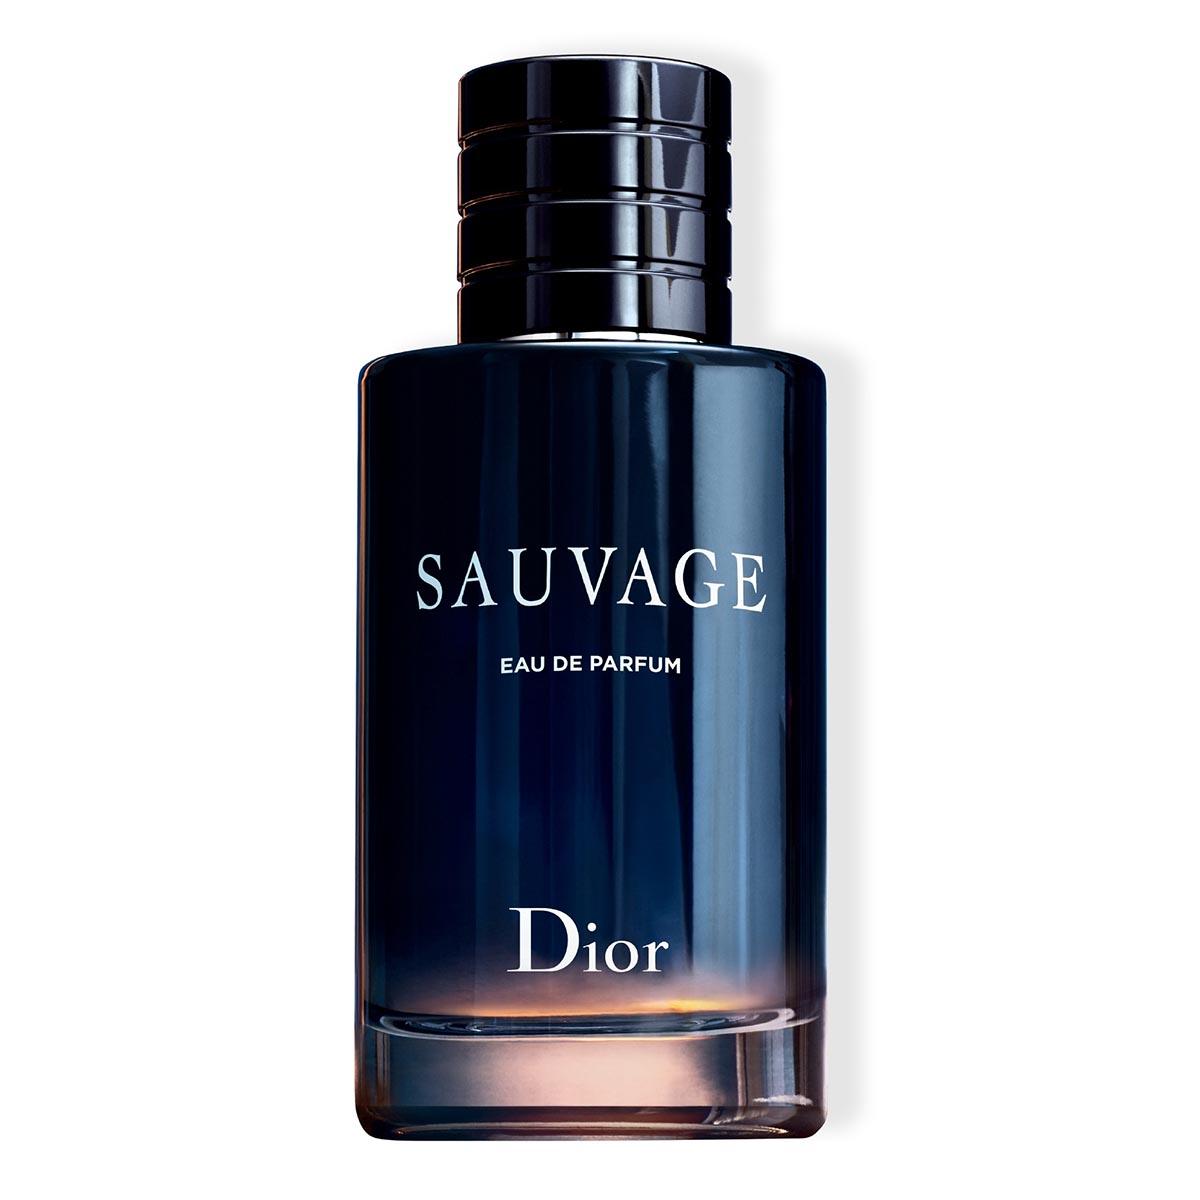 Dior sauvage dior eau de parfum 60ml vaporizador